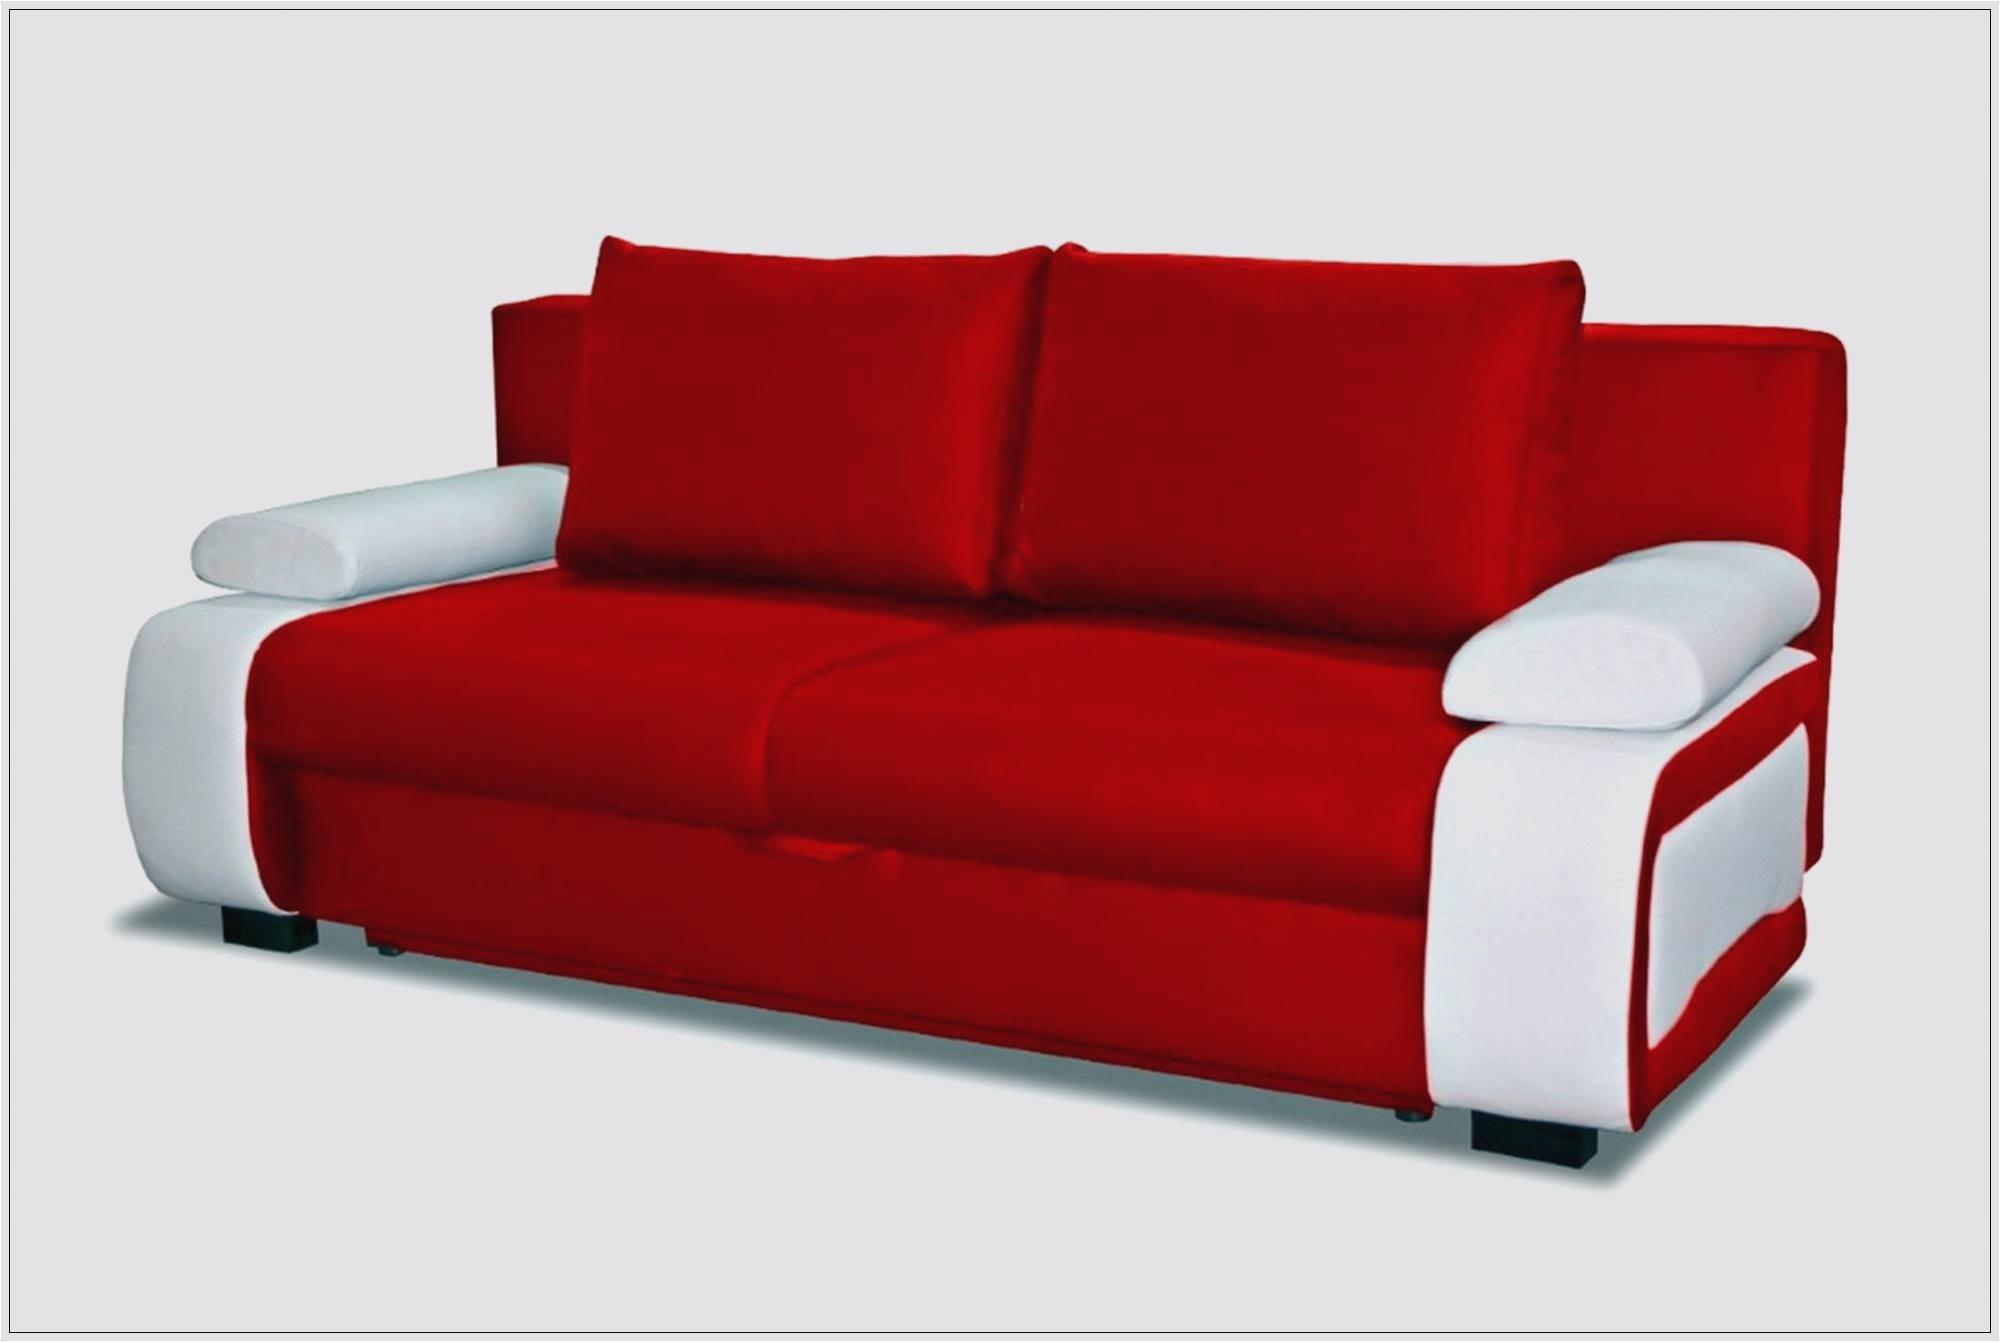 ikea housse de clic clac unique galerie housse pour clic clac housse pour clic clac cm bleue. Black Bedroom Furniture Sets. Home Design Ideas